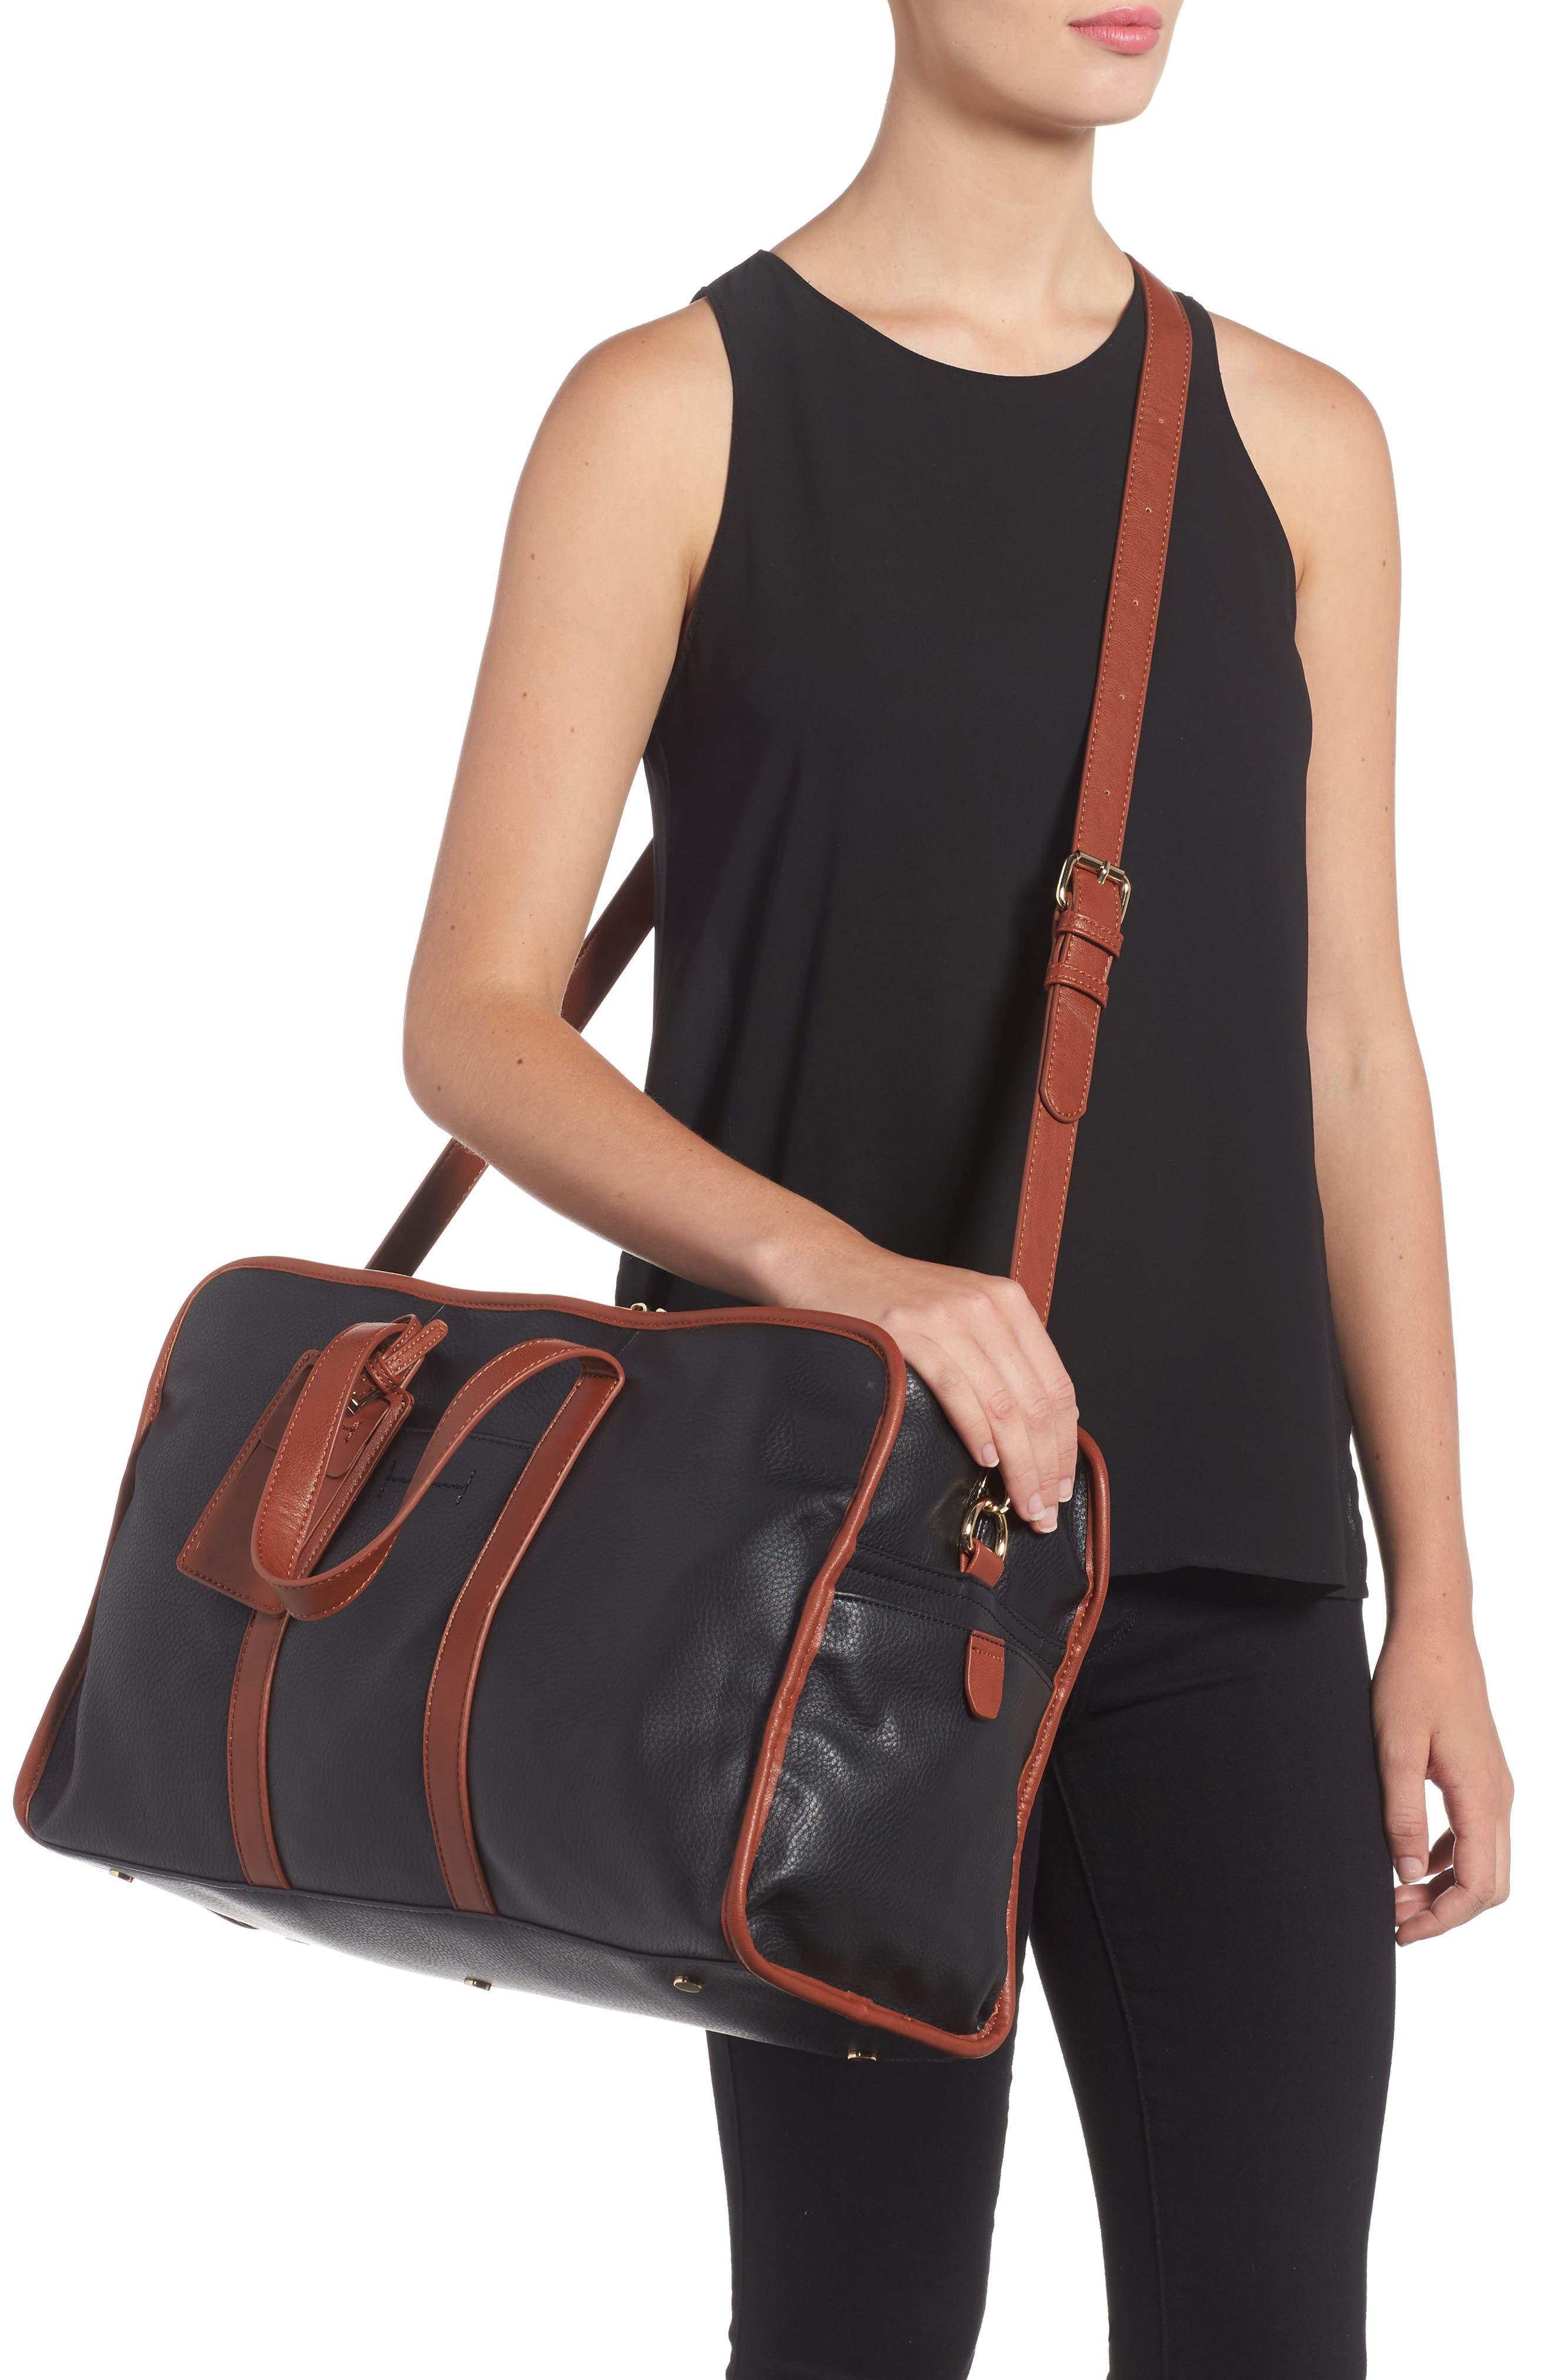 Doxin Faux Leather Duffel Bag,                             Alternate thumbnail 2, color,                             Black/ Cognac